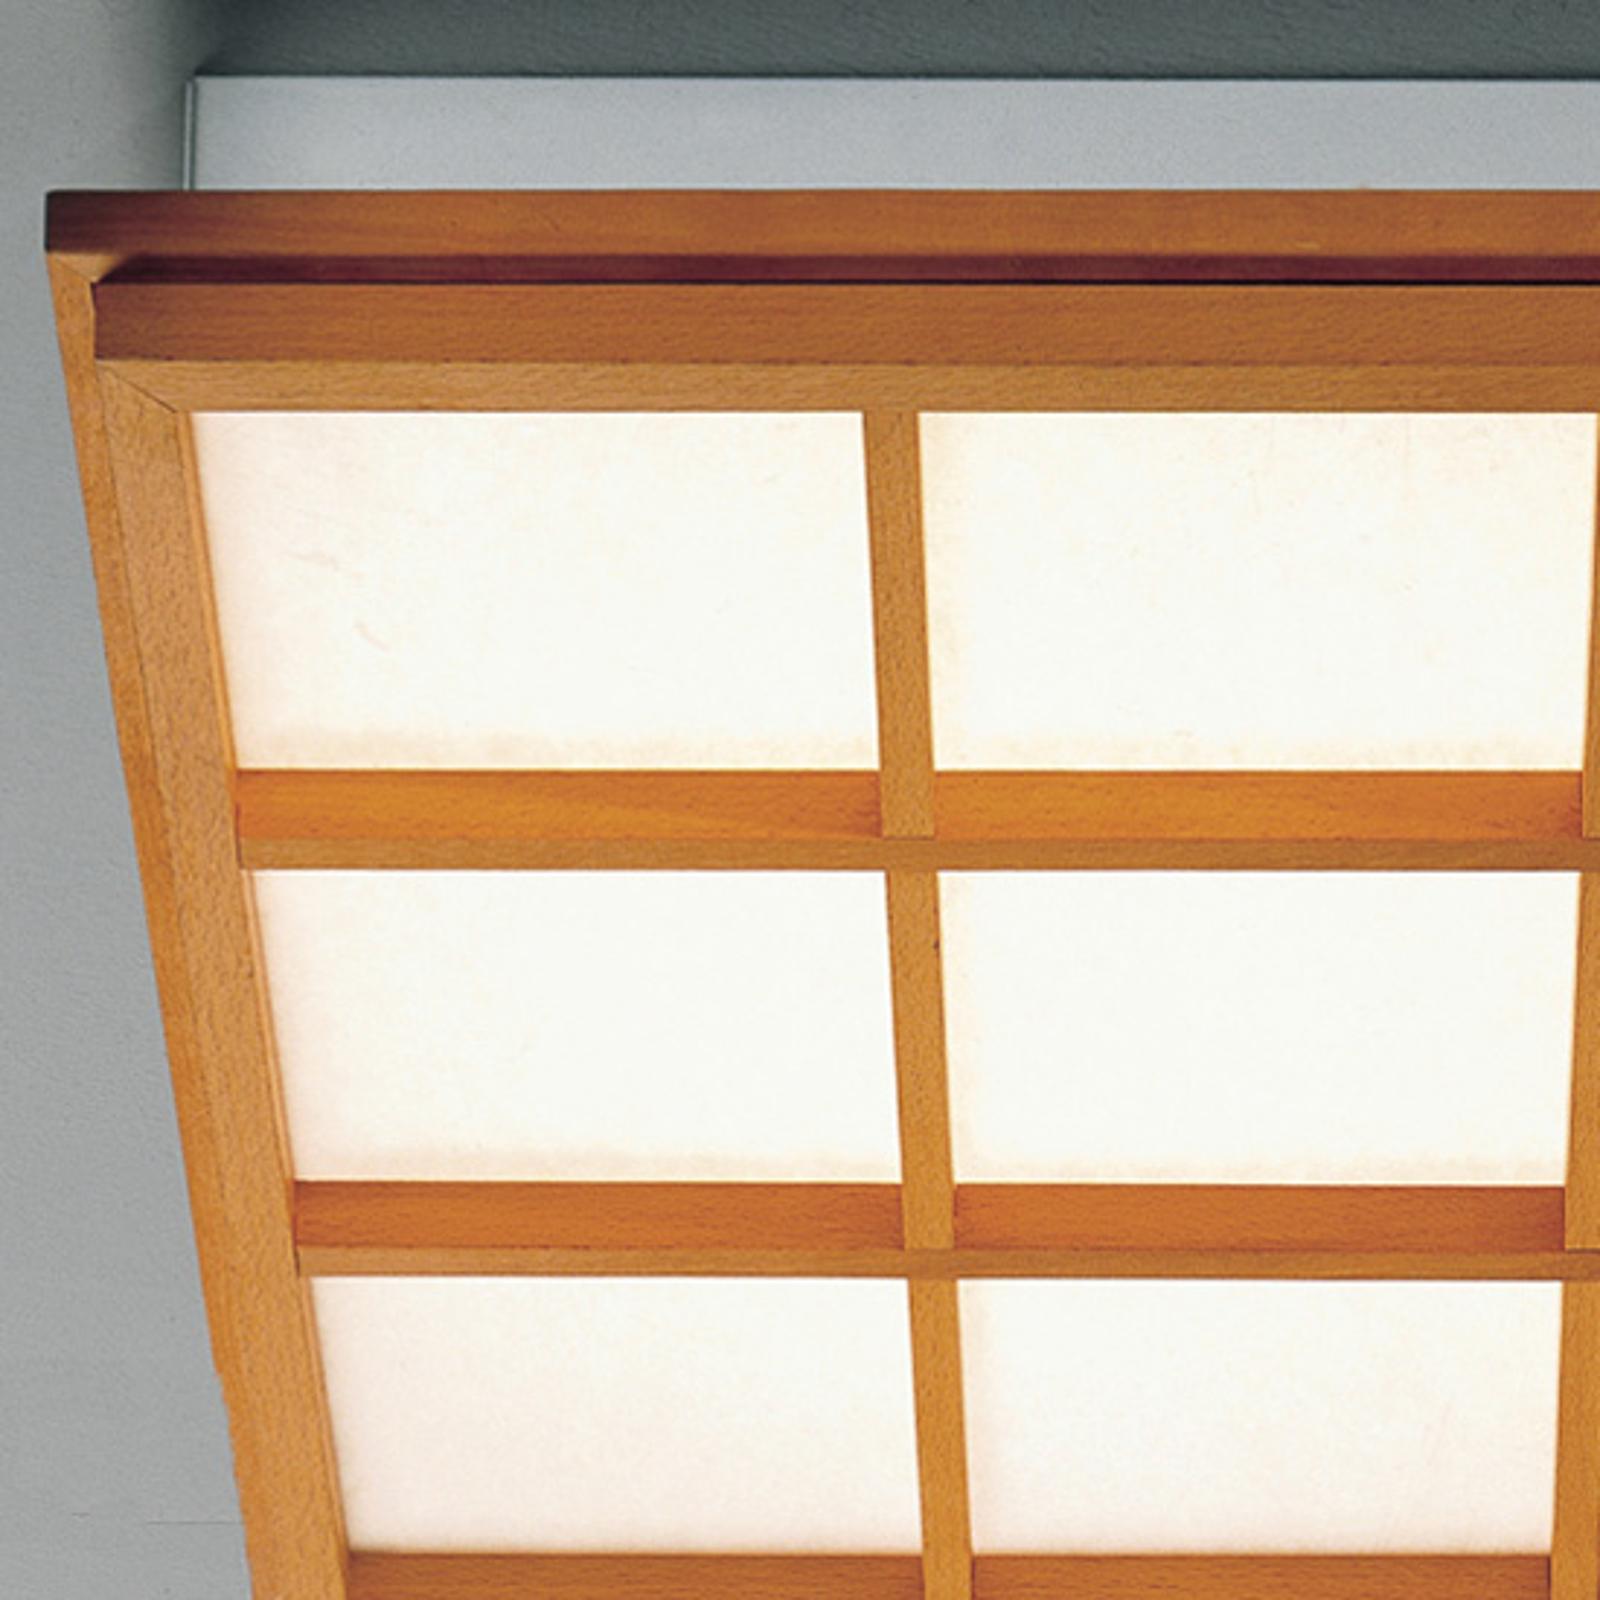 Plafoniera LED Kioto 9 in legno di faggio